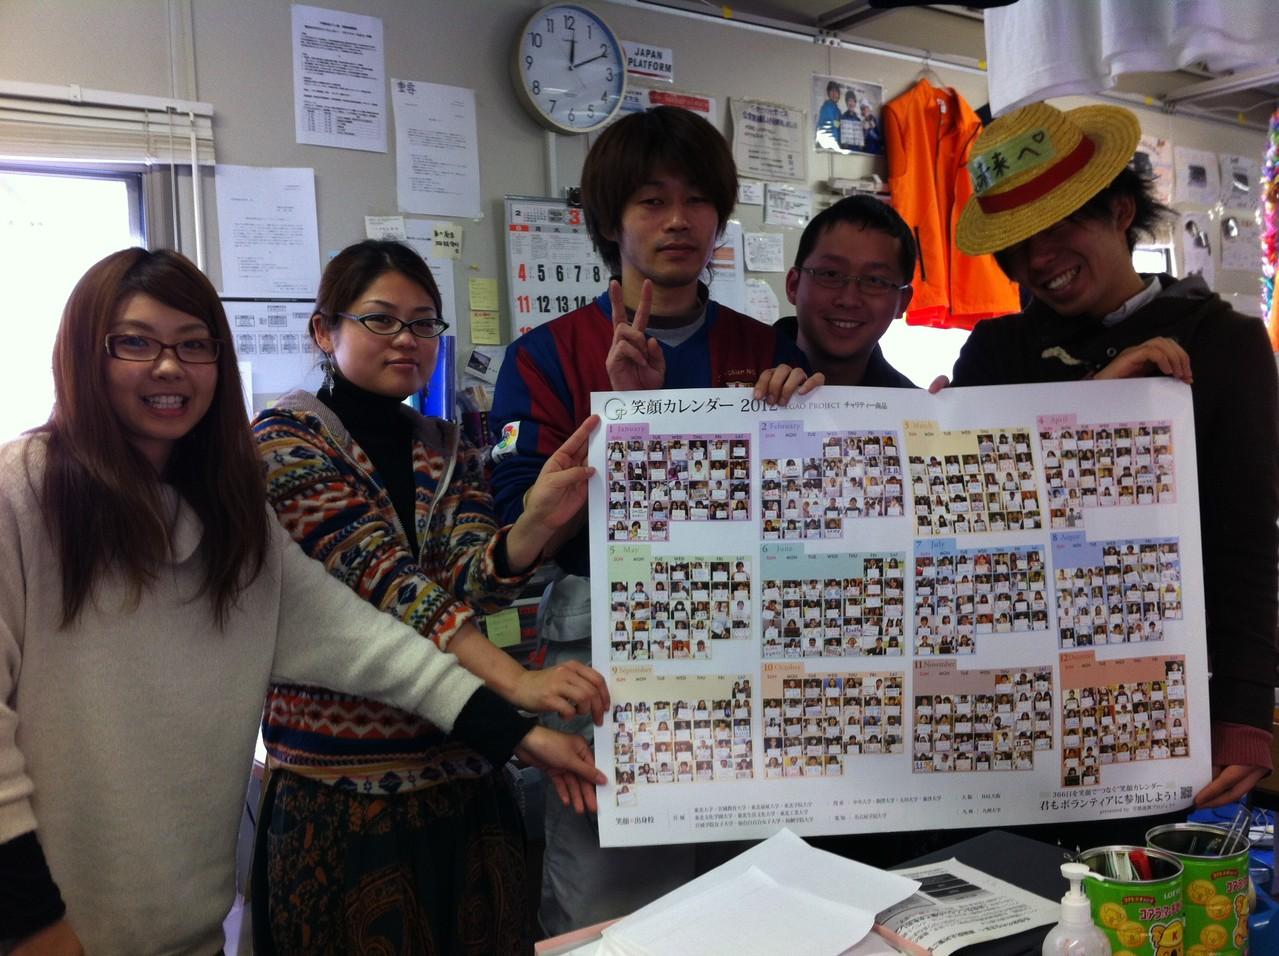 大槌町社会福祉協議会